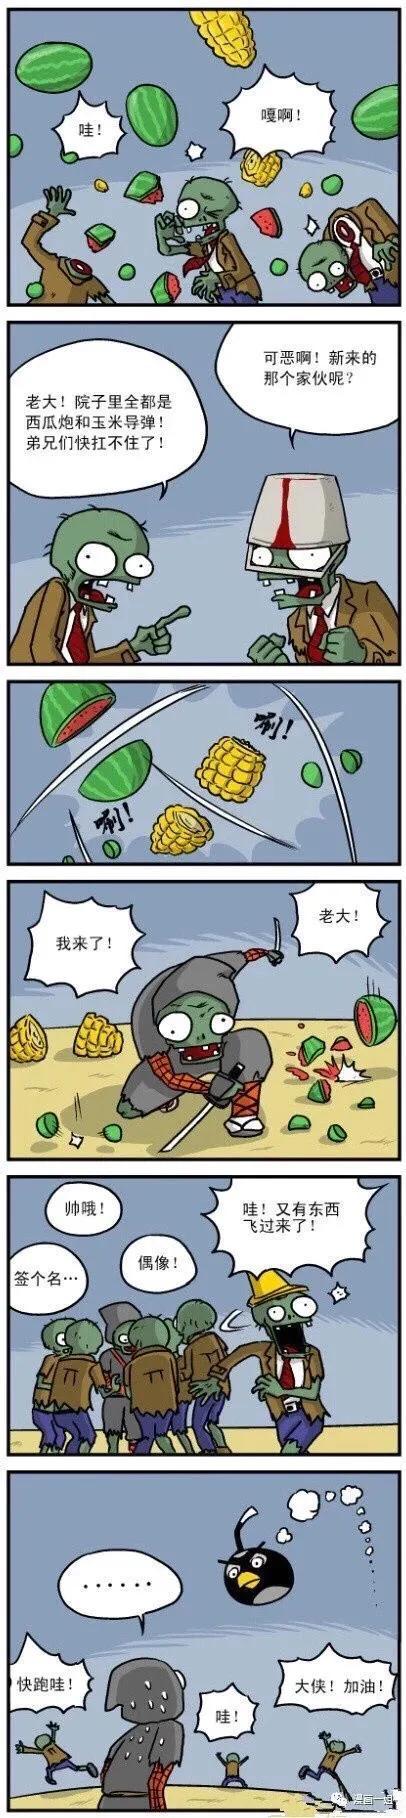 植物大战僵尸简笔画漫画图片_学习啦